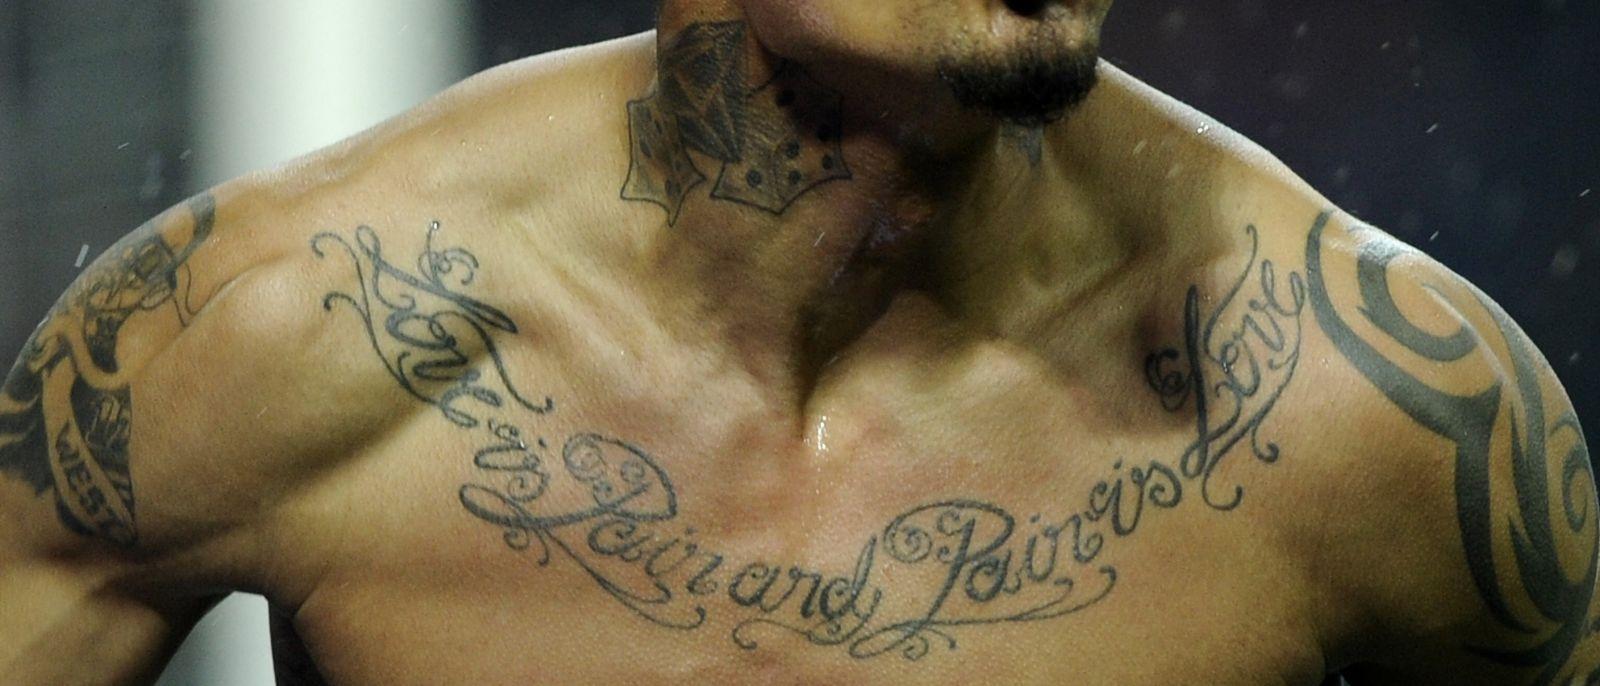 Tatuaggi Boateng | tatuaggivip